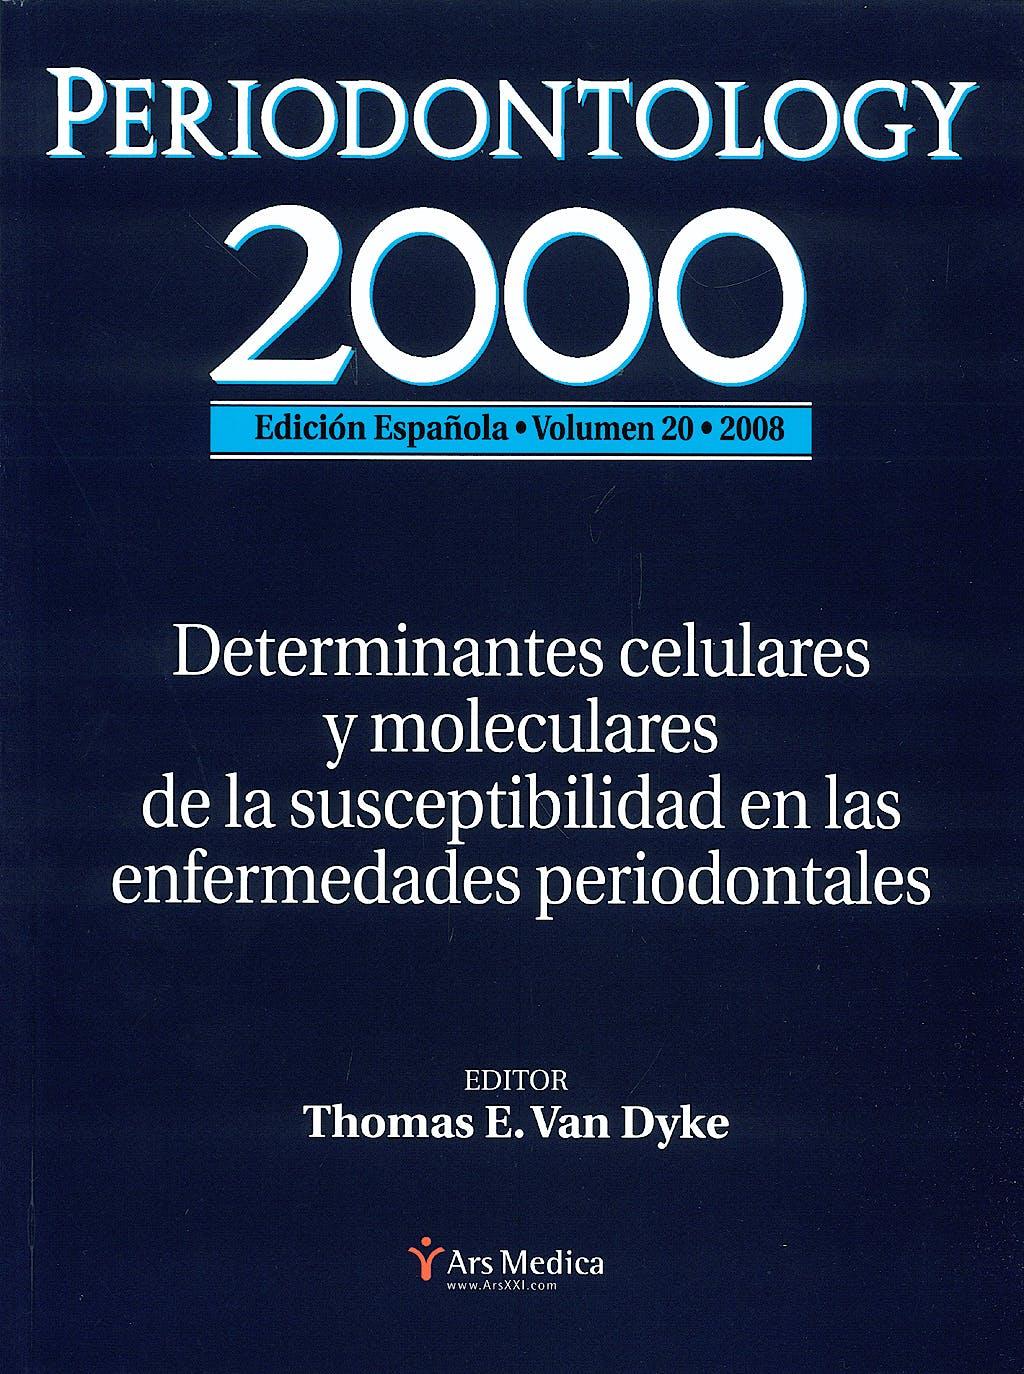 Portada del libro 9780010800203 Periodontology 2000, Vol. 20: Determinantes Celulares y Moleculares de la Susceptibilidad en las Enfermedades Periodontales